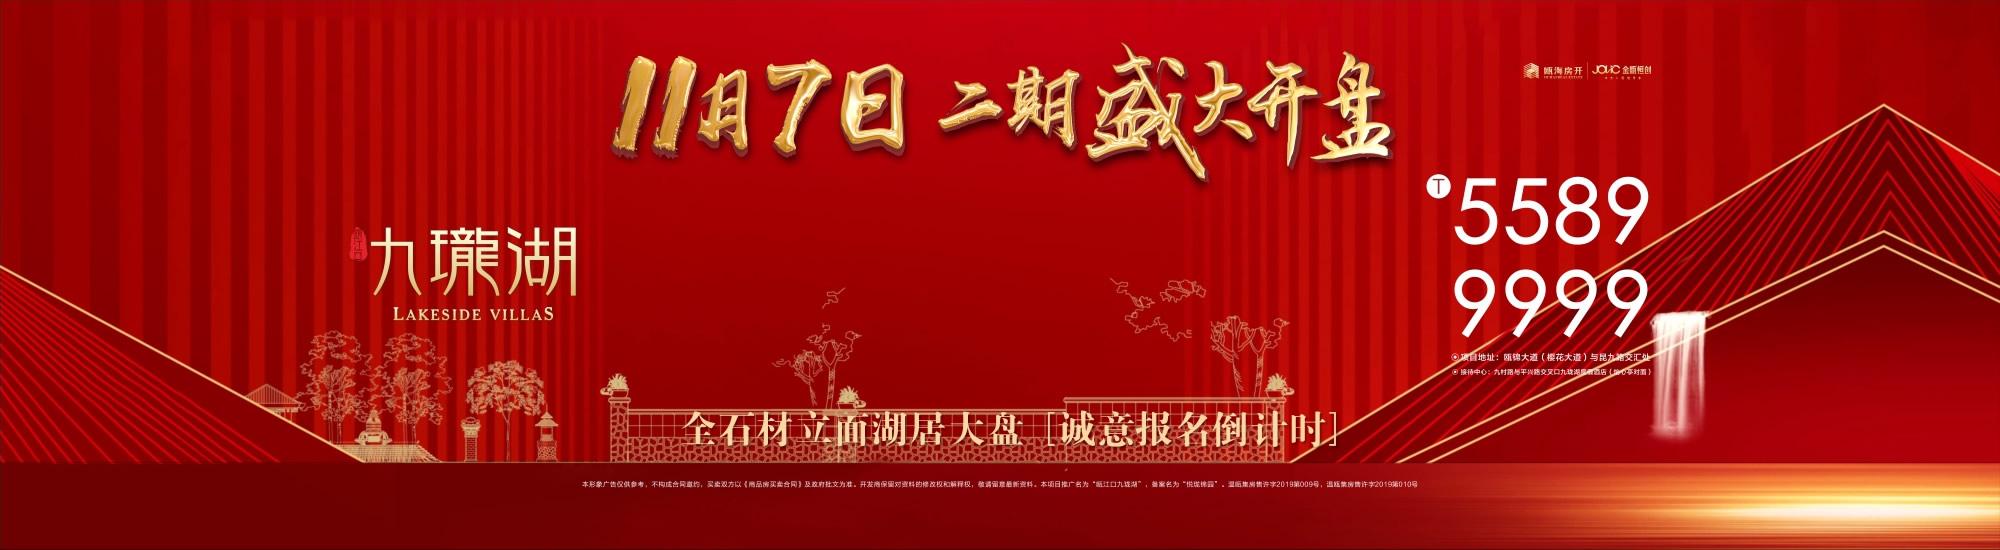 瓯江口九珑湖